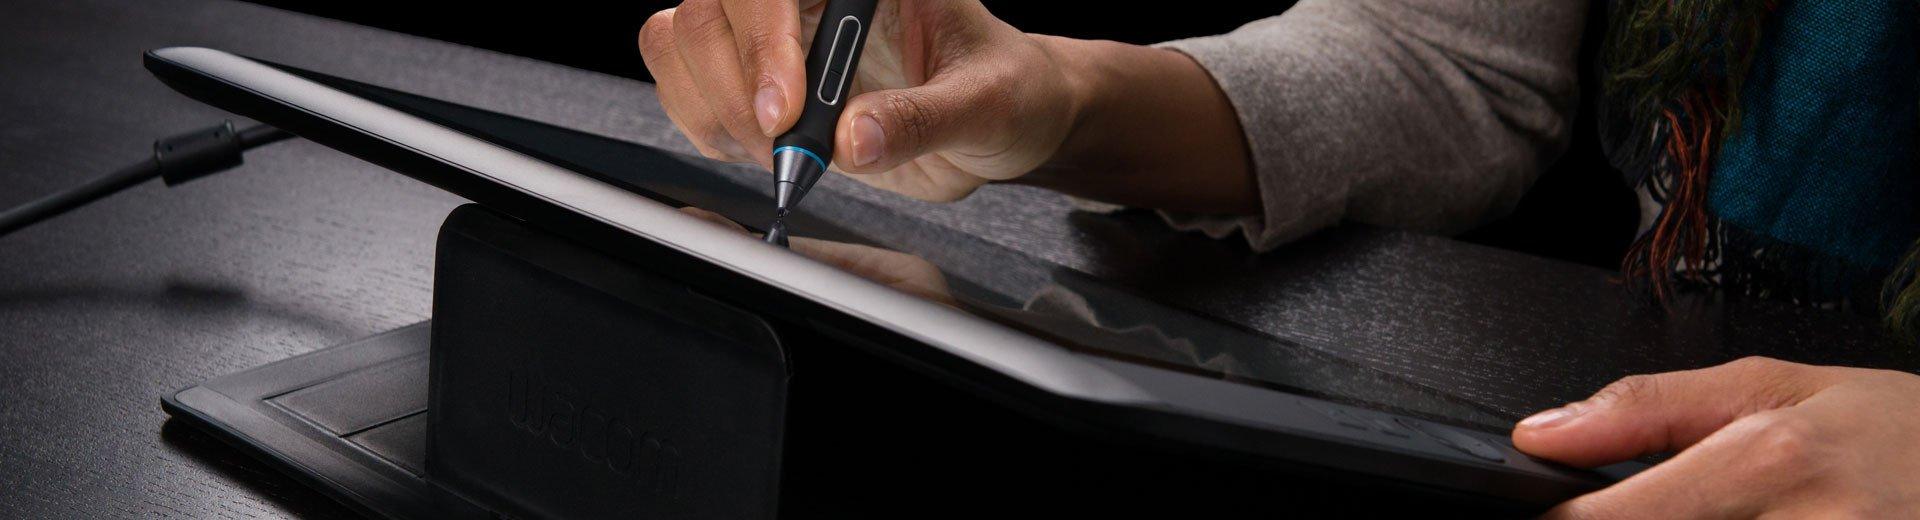 Okładka artykułu Zapraszamy na testy tabletów graficznych! — Spotkanie w Bydgoszczy